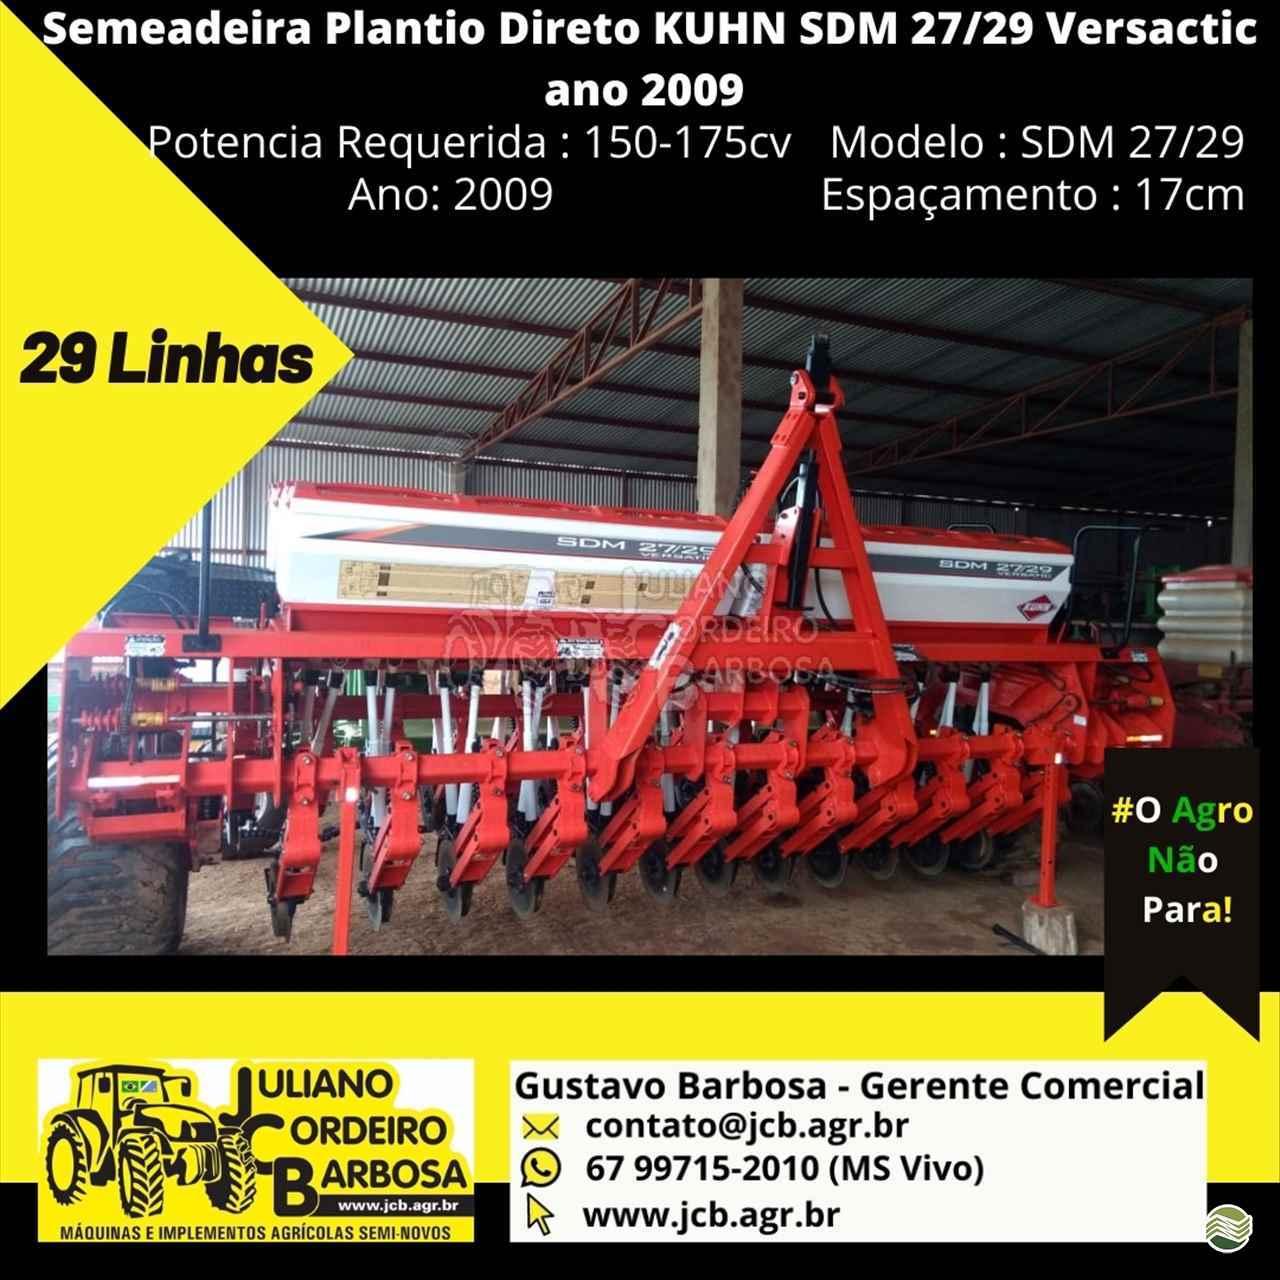 SEMEADEIRA KUHN SDM 2227/29 JCB Máquinas e Implementos Agrícolas MARACAJU MATO GROSSO DO SUL MS